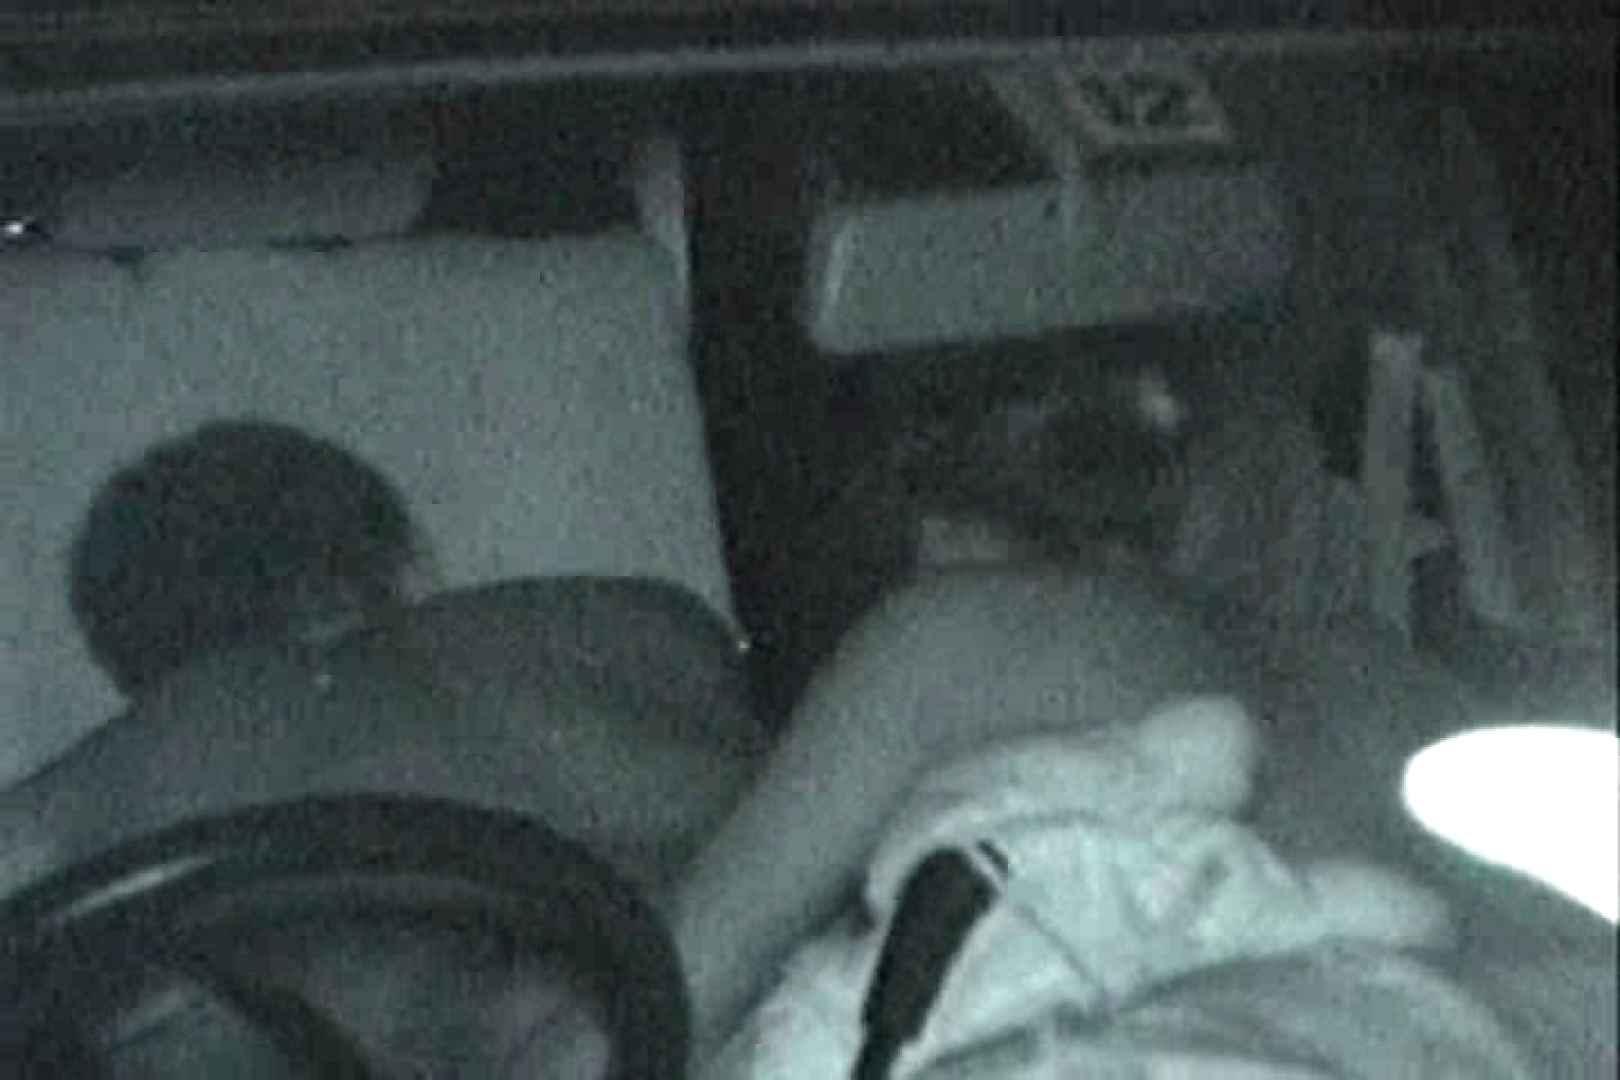 充血監督の深夜の運動会Vol.18 カップルのセックス 隠し撮りオマンコ動画紹介 55PIX 18